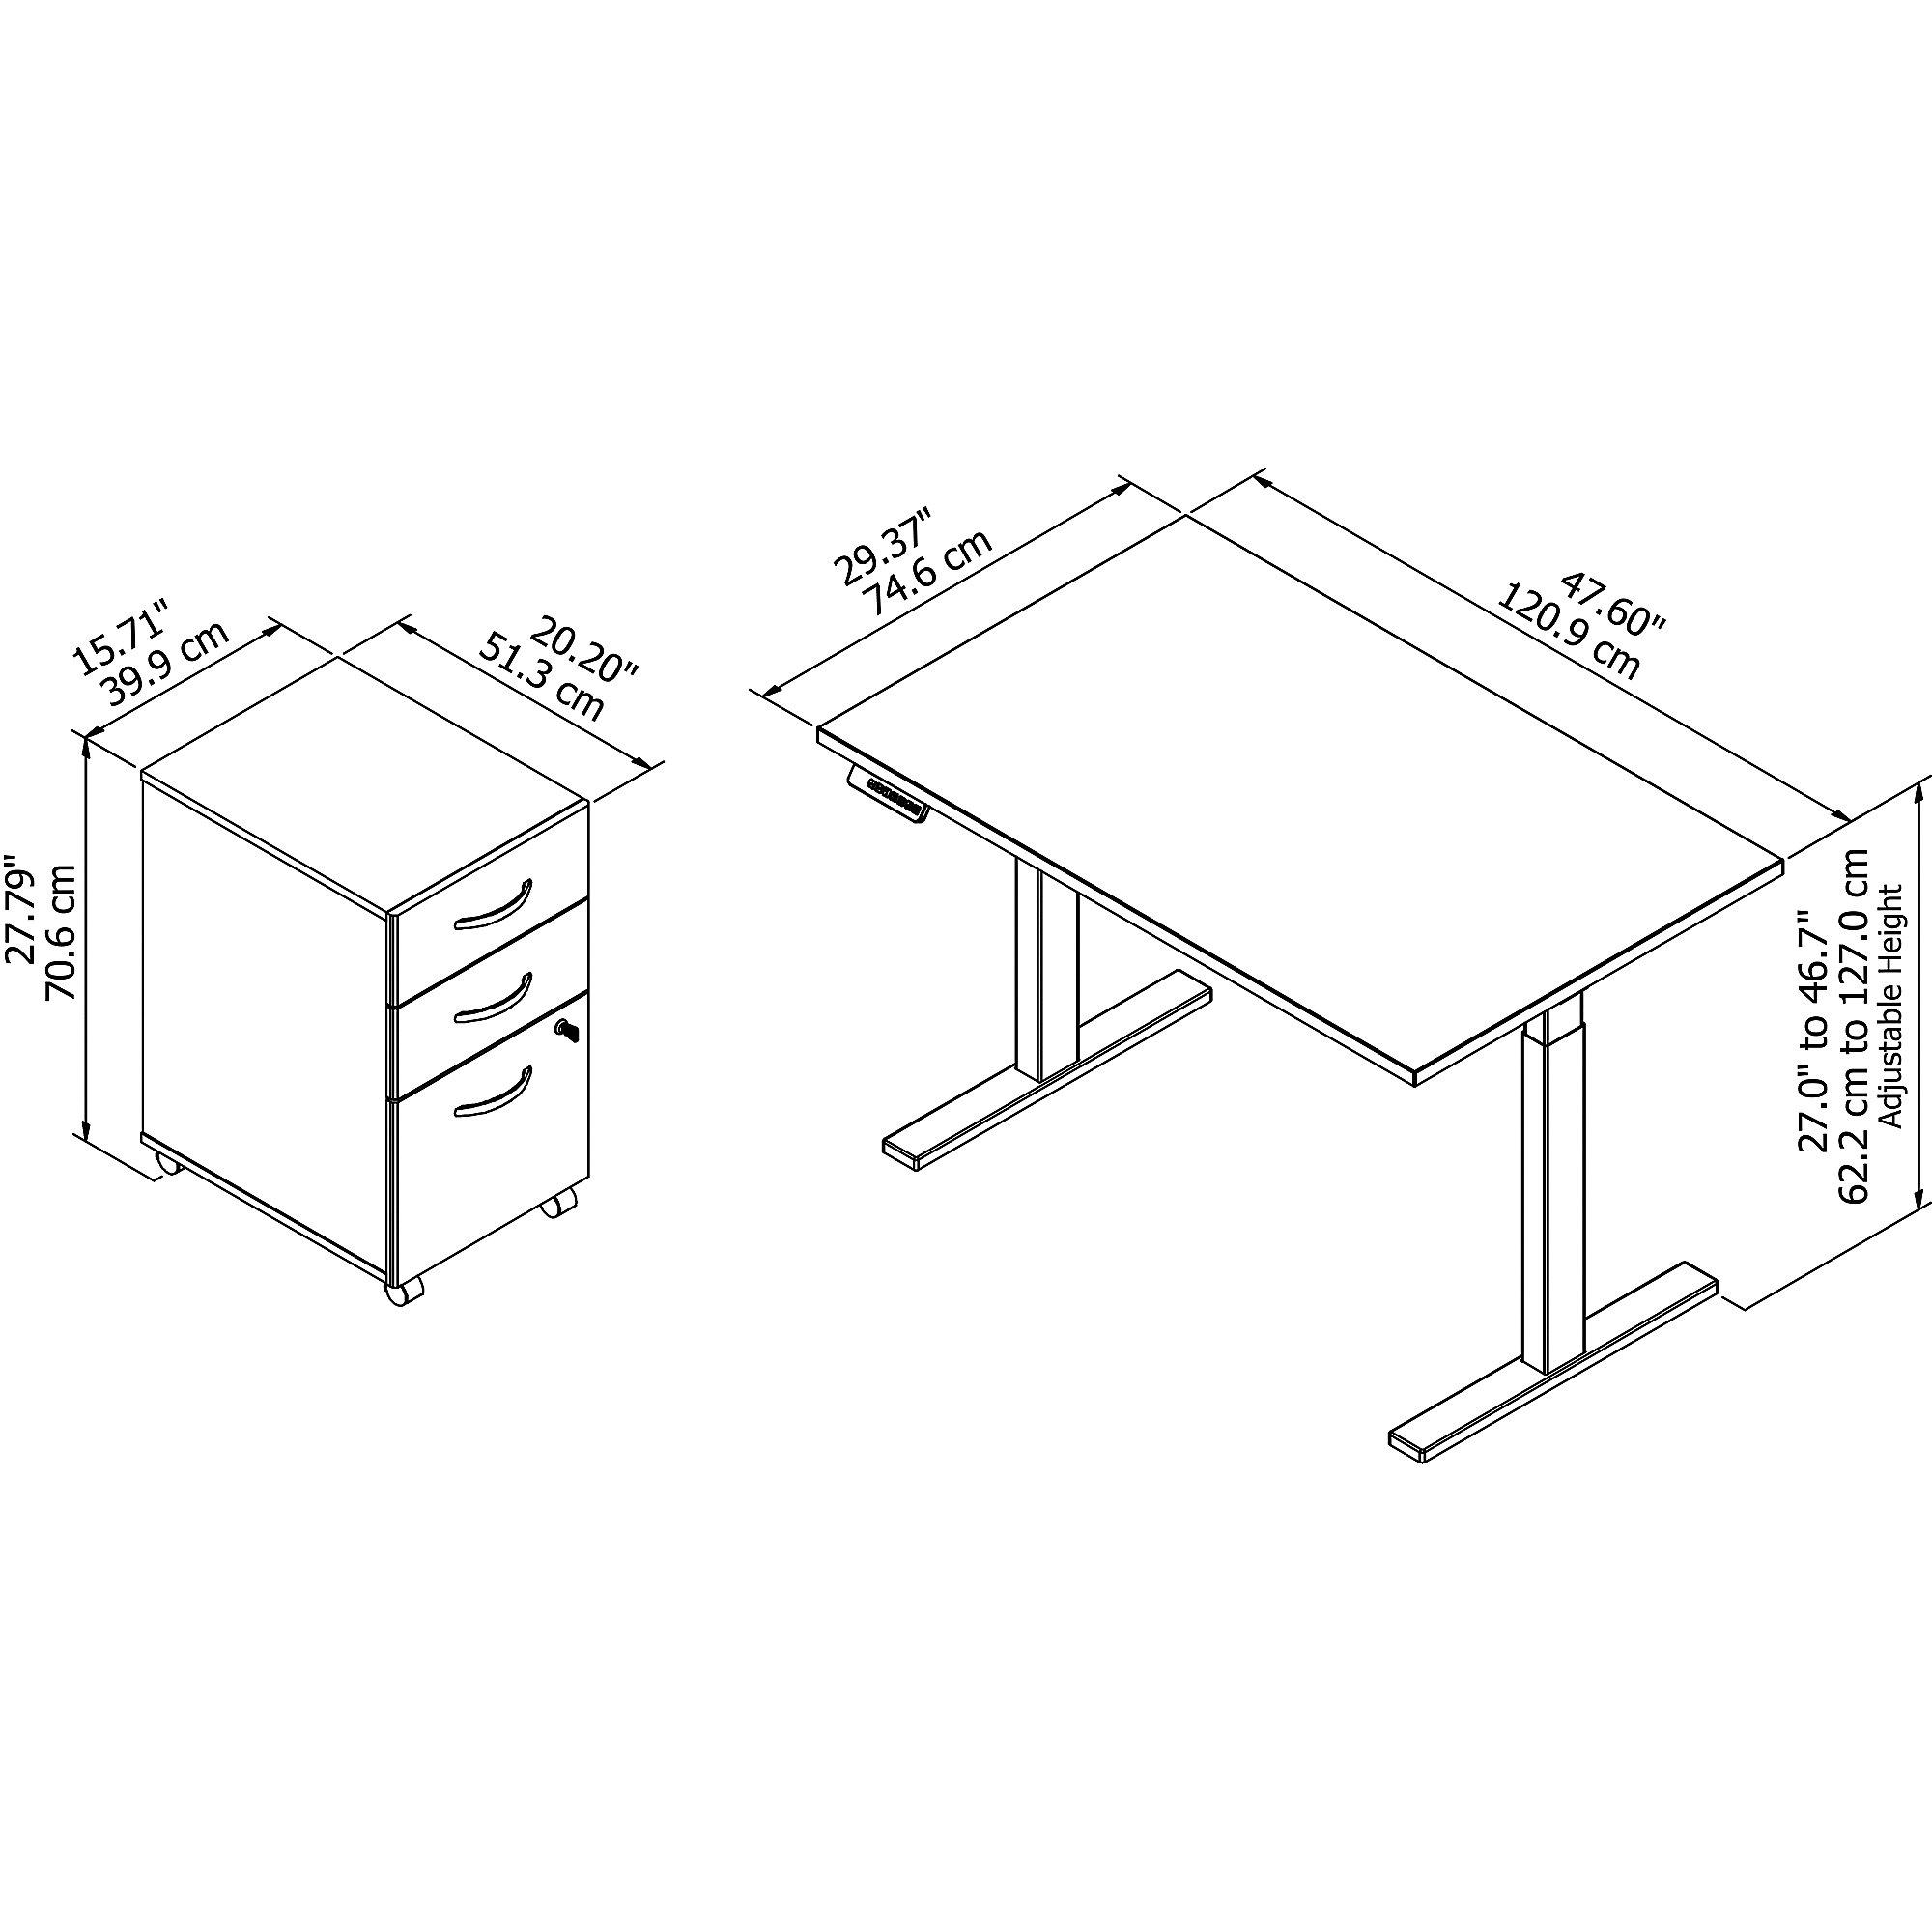 ergonomic desk and file cabinet dimensions